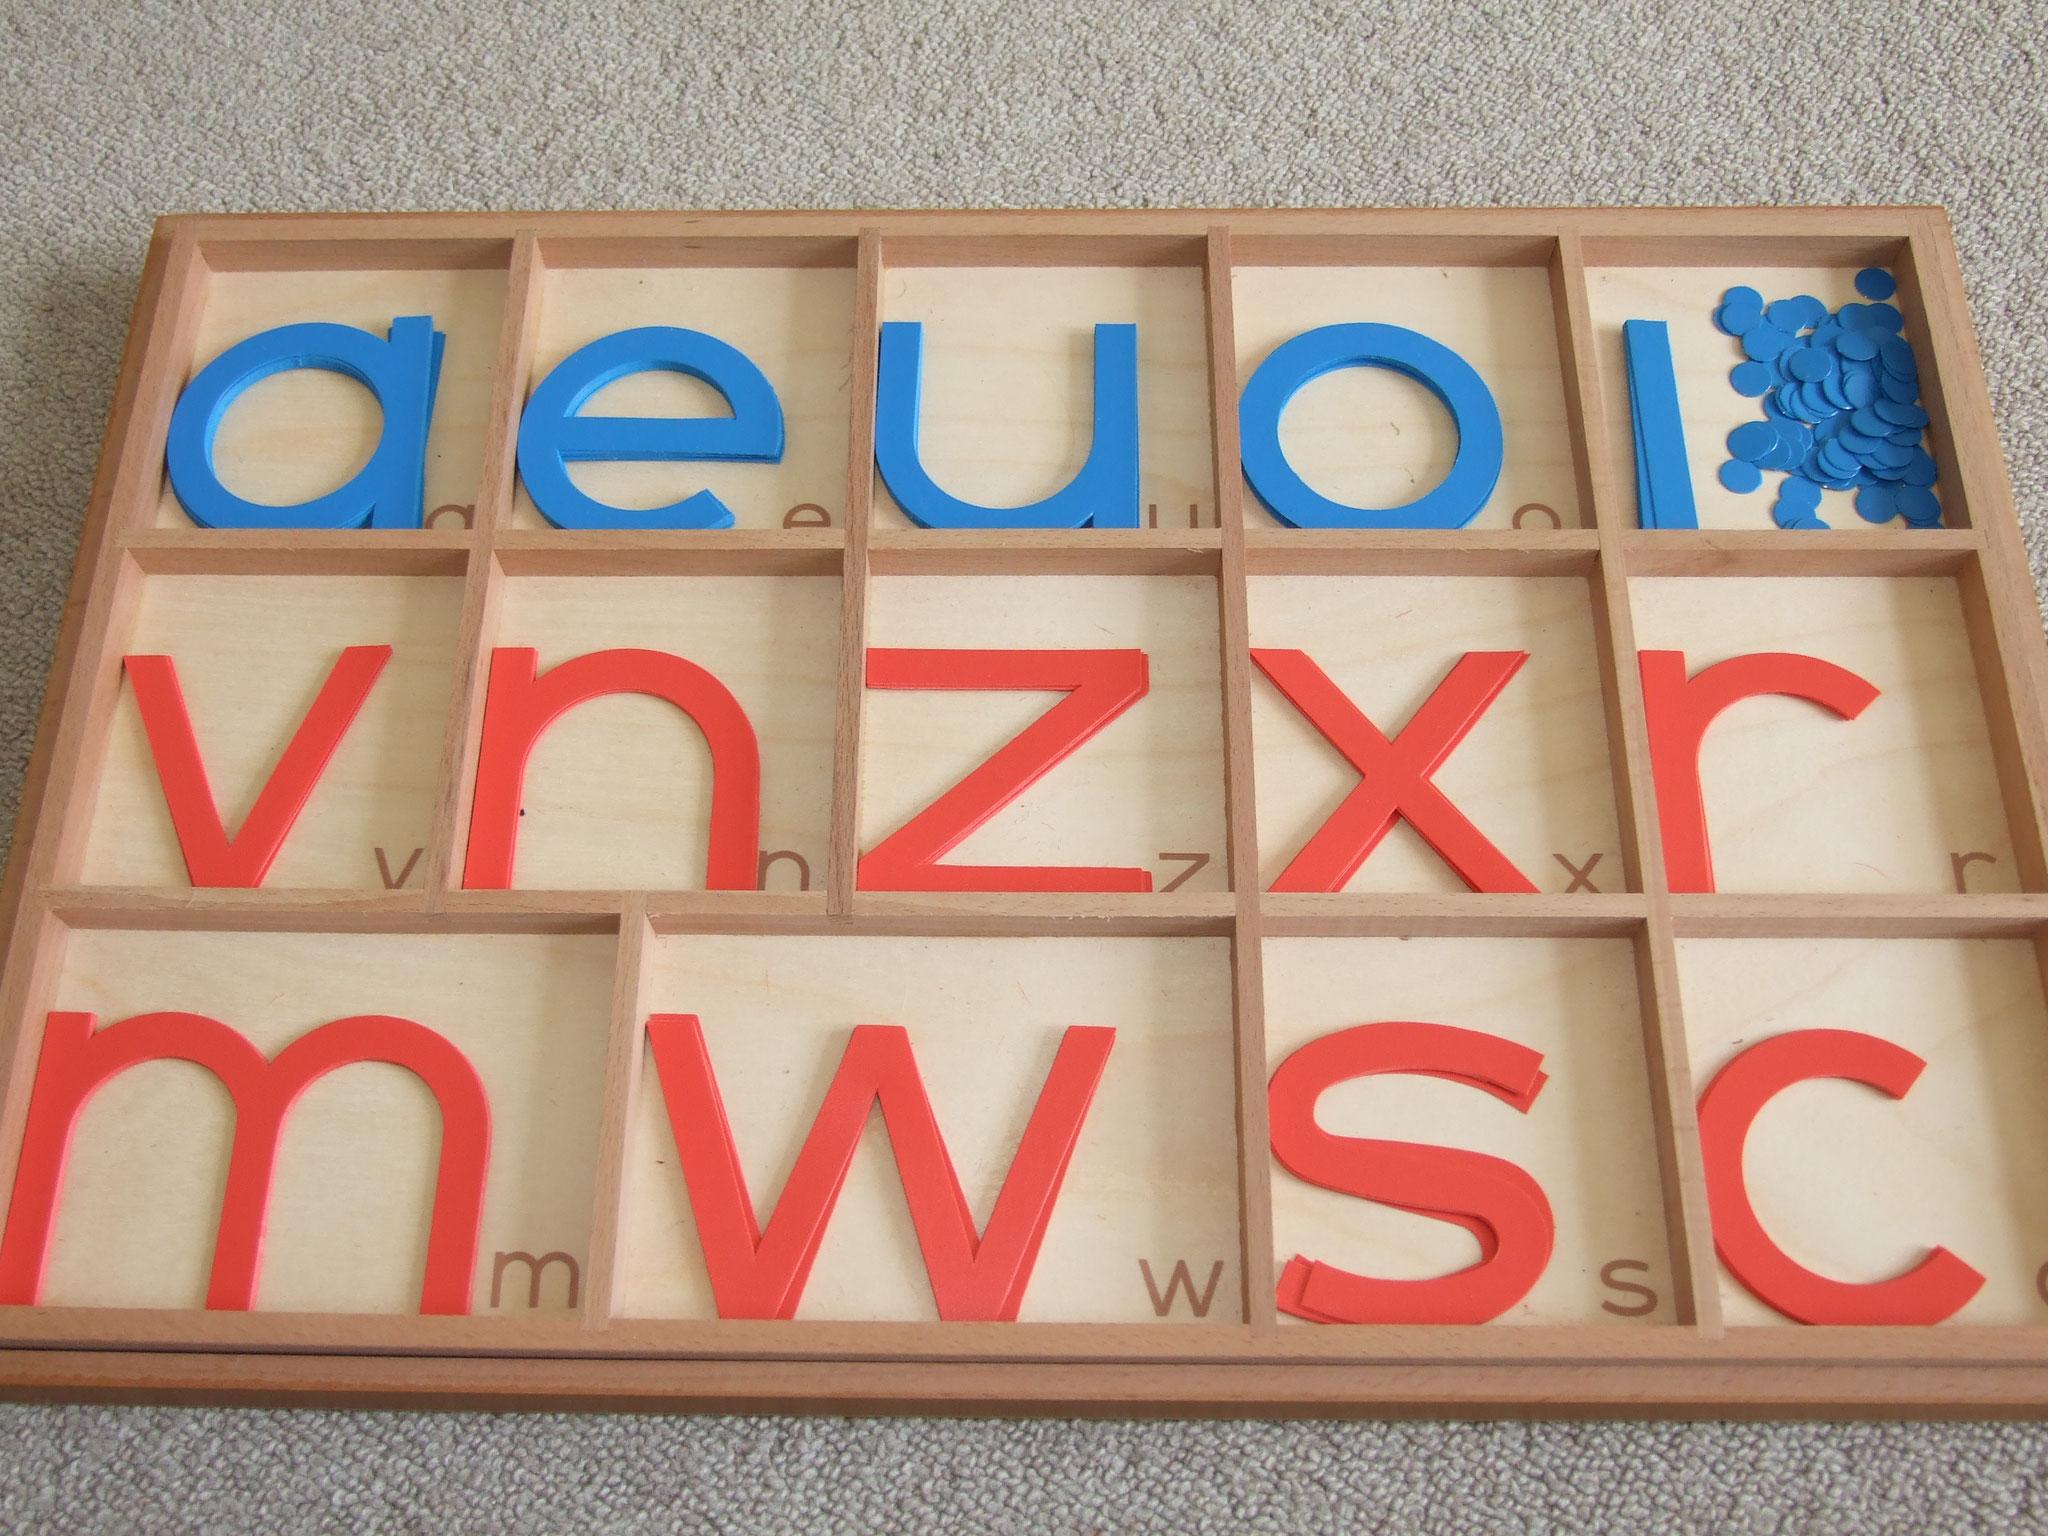 Großer Kasten mit Beweglichem Alphabet, nur Kleinbuchstaben, in Druckschrift